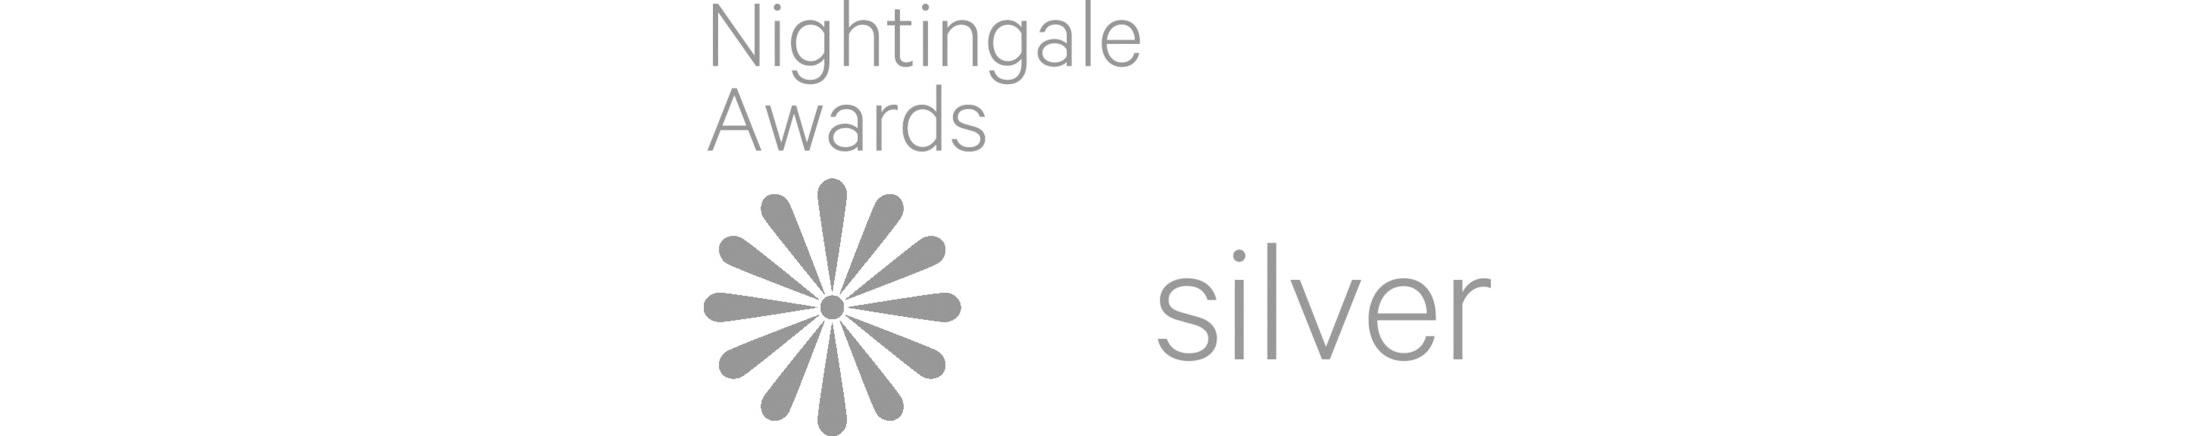 Nightingale Awards silver.jpg